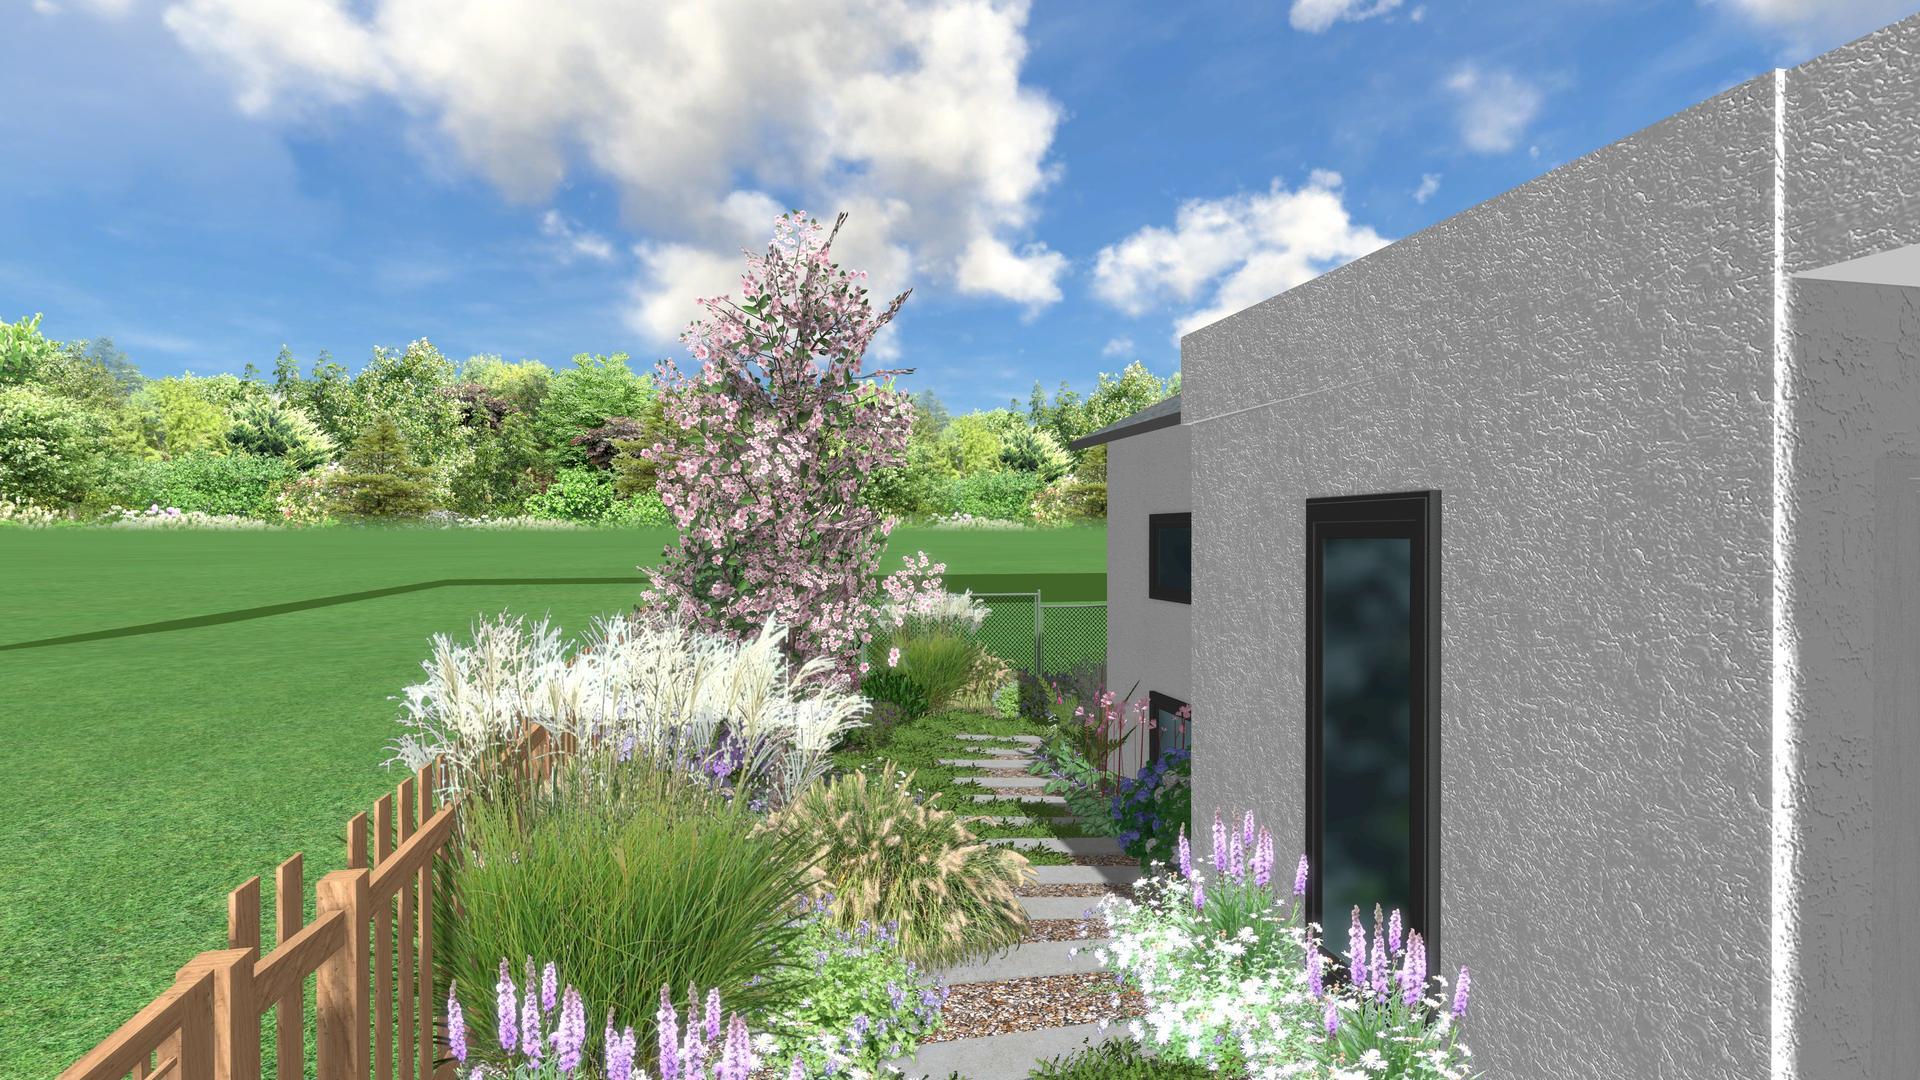 Začínáme se zahradou - Obrázek č. 3